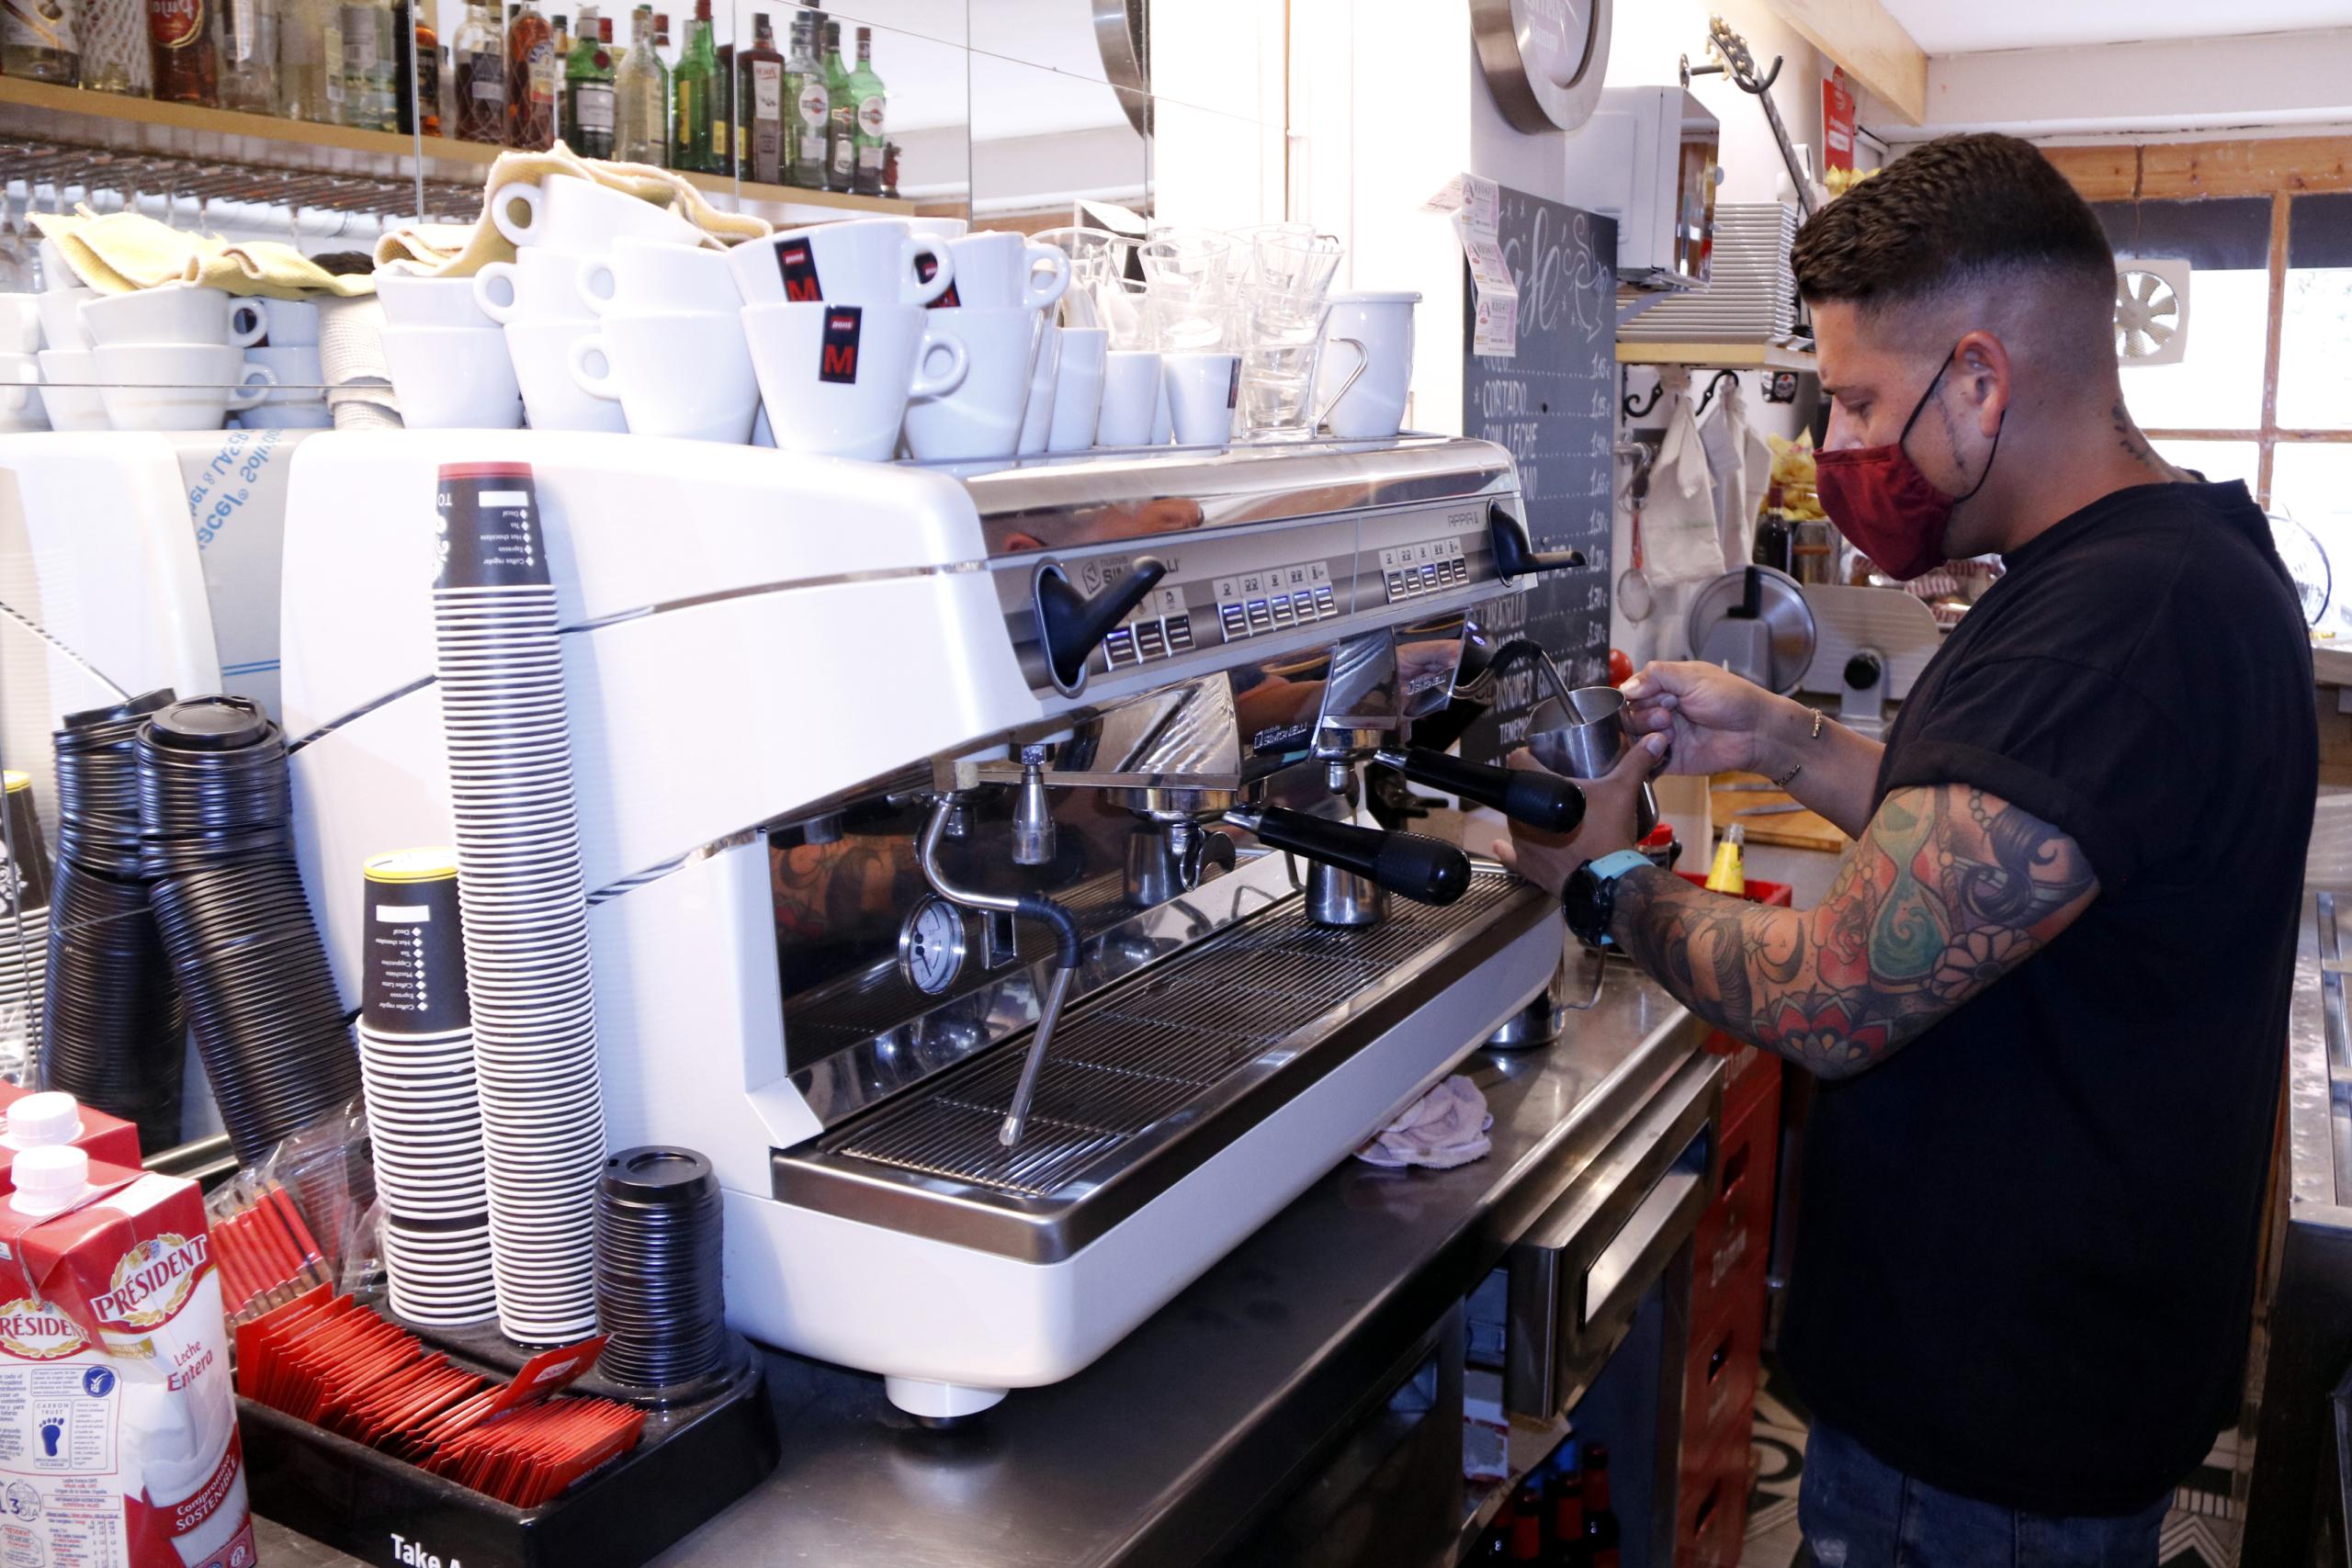 El responsable del bar 'Refugi' utilitzant la cafetera del local, el 26 de juliol del 2021 / ACN